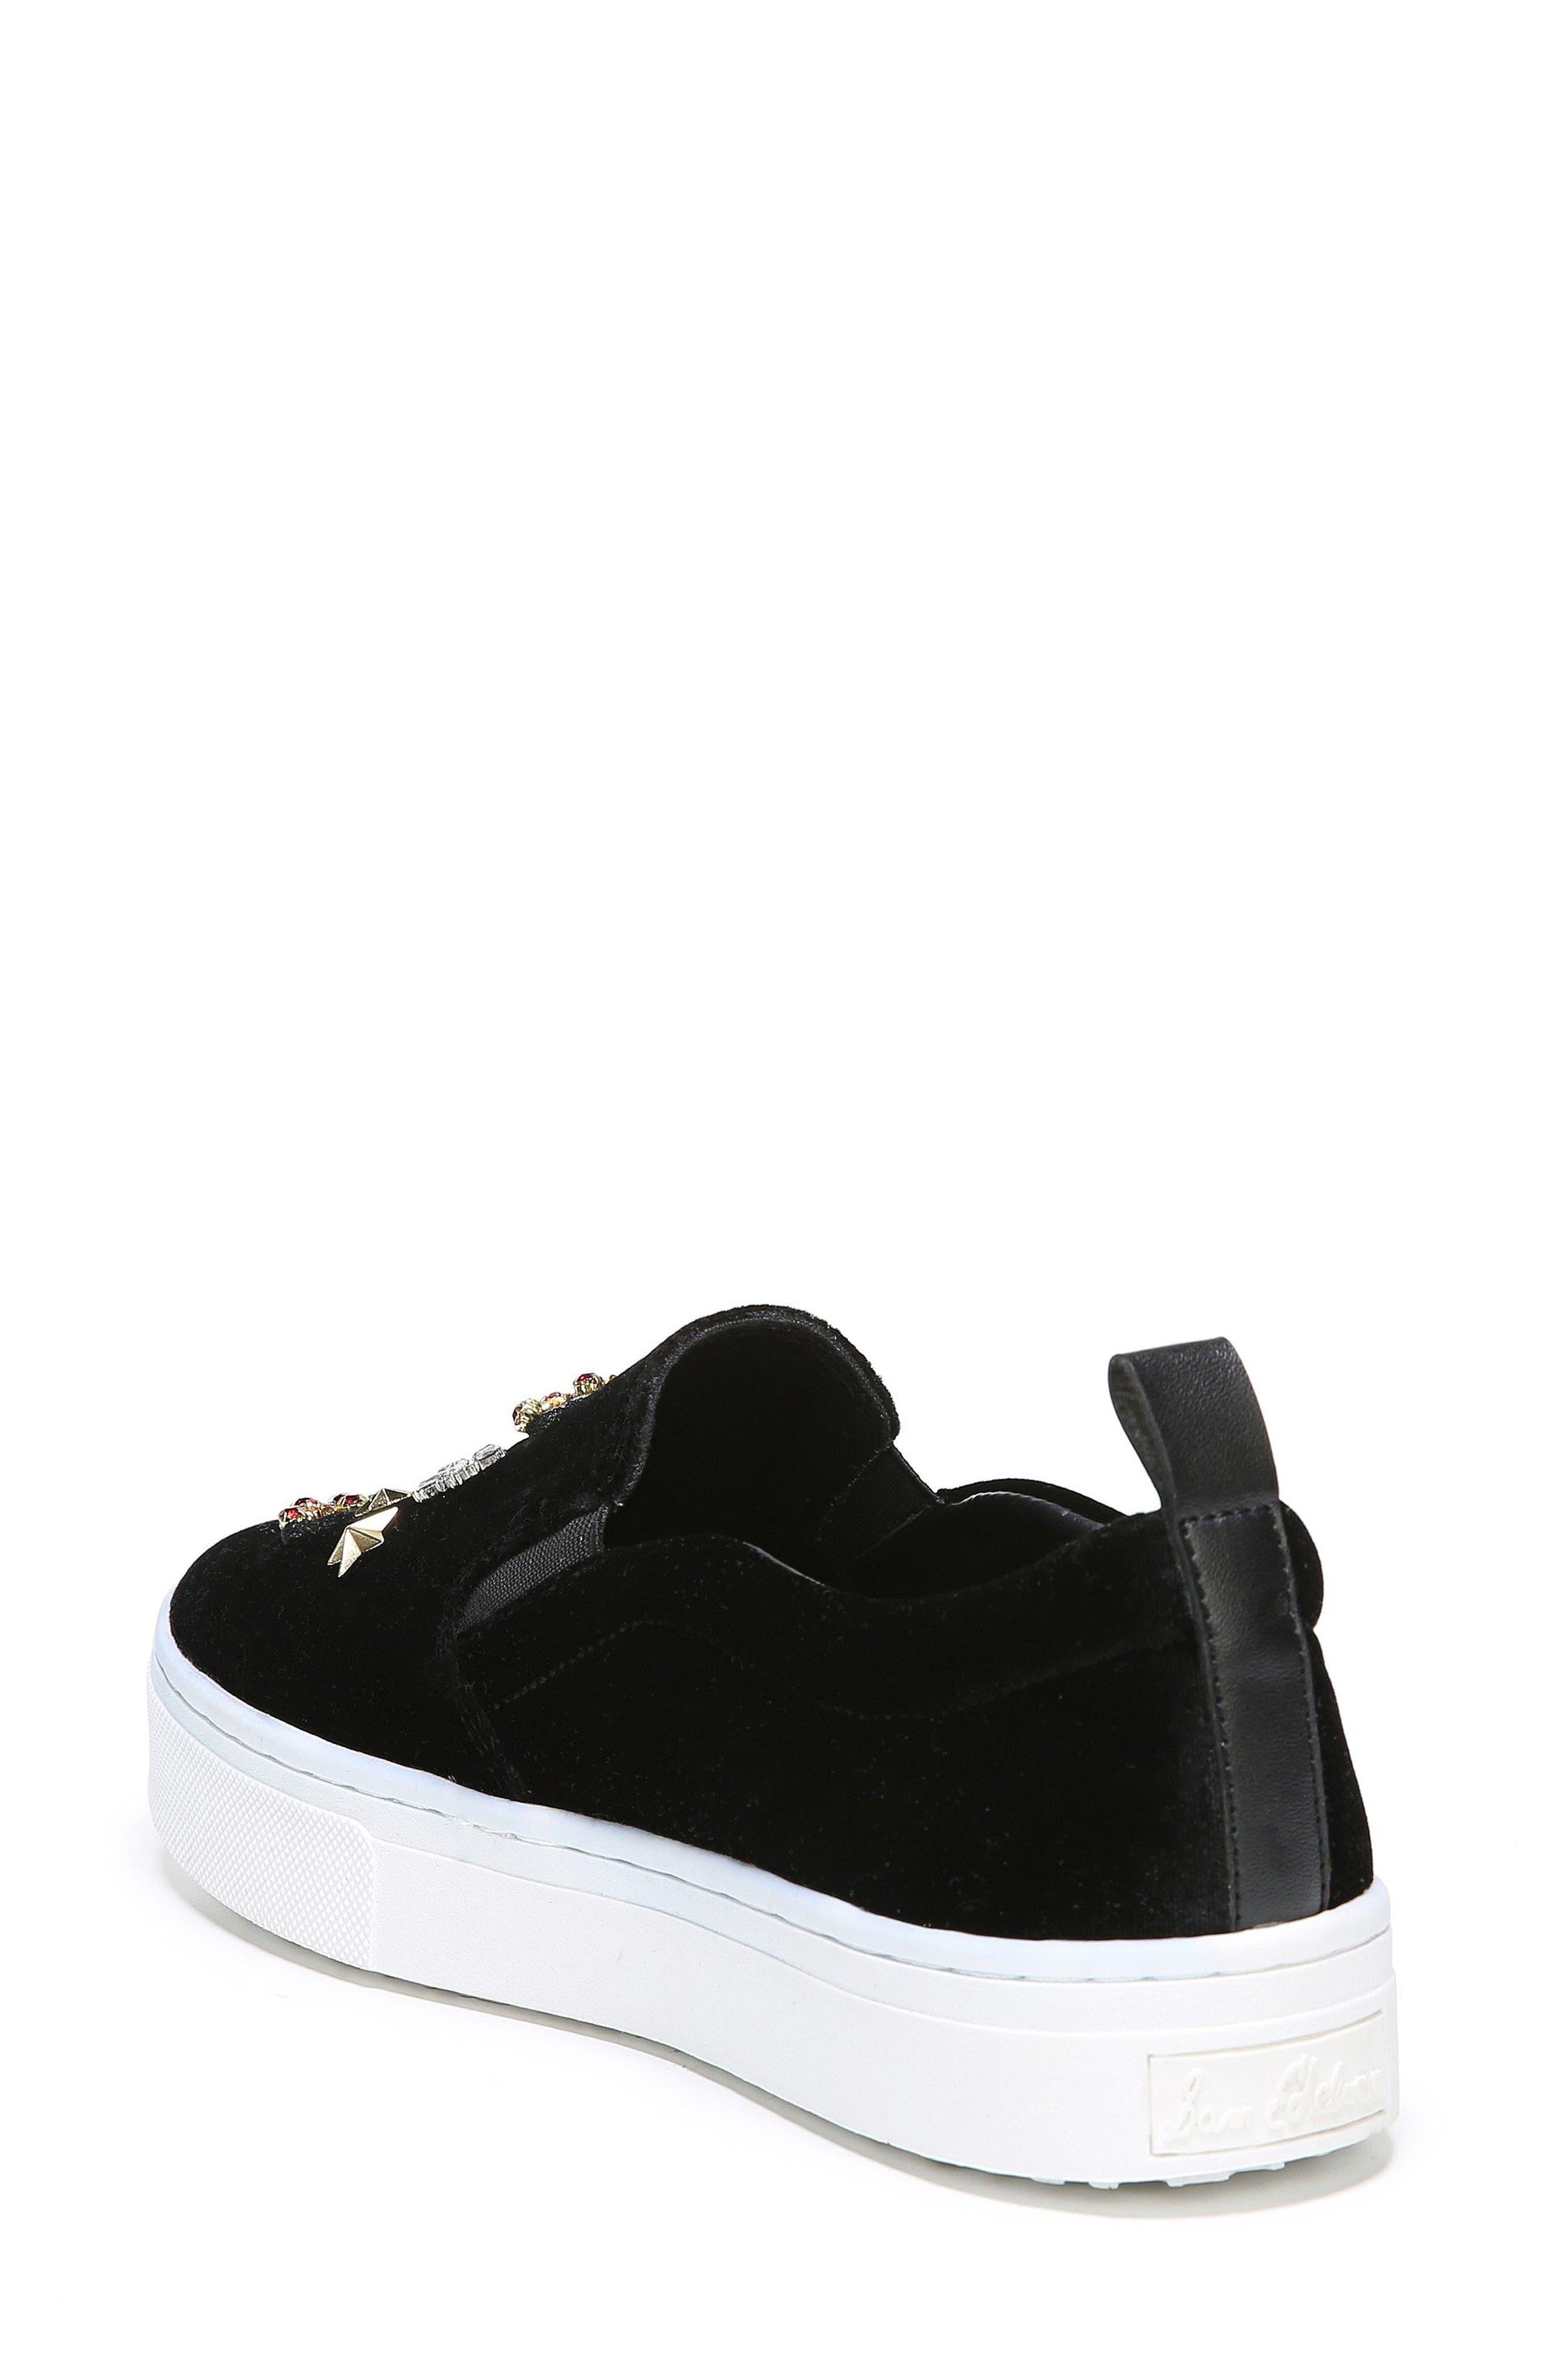 Leila Embellished Platform Sneaker,                             Alternate thumbnail 3, color,                             001